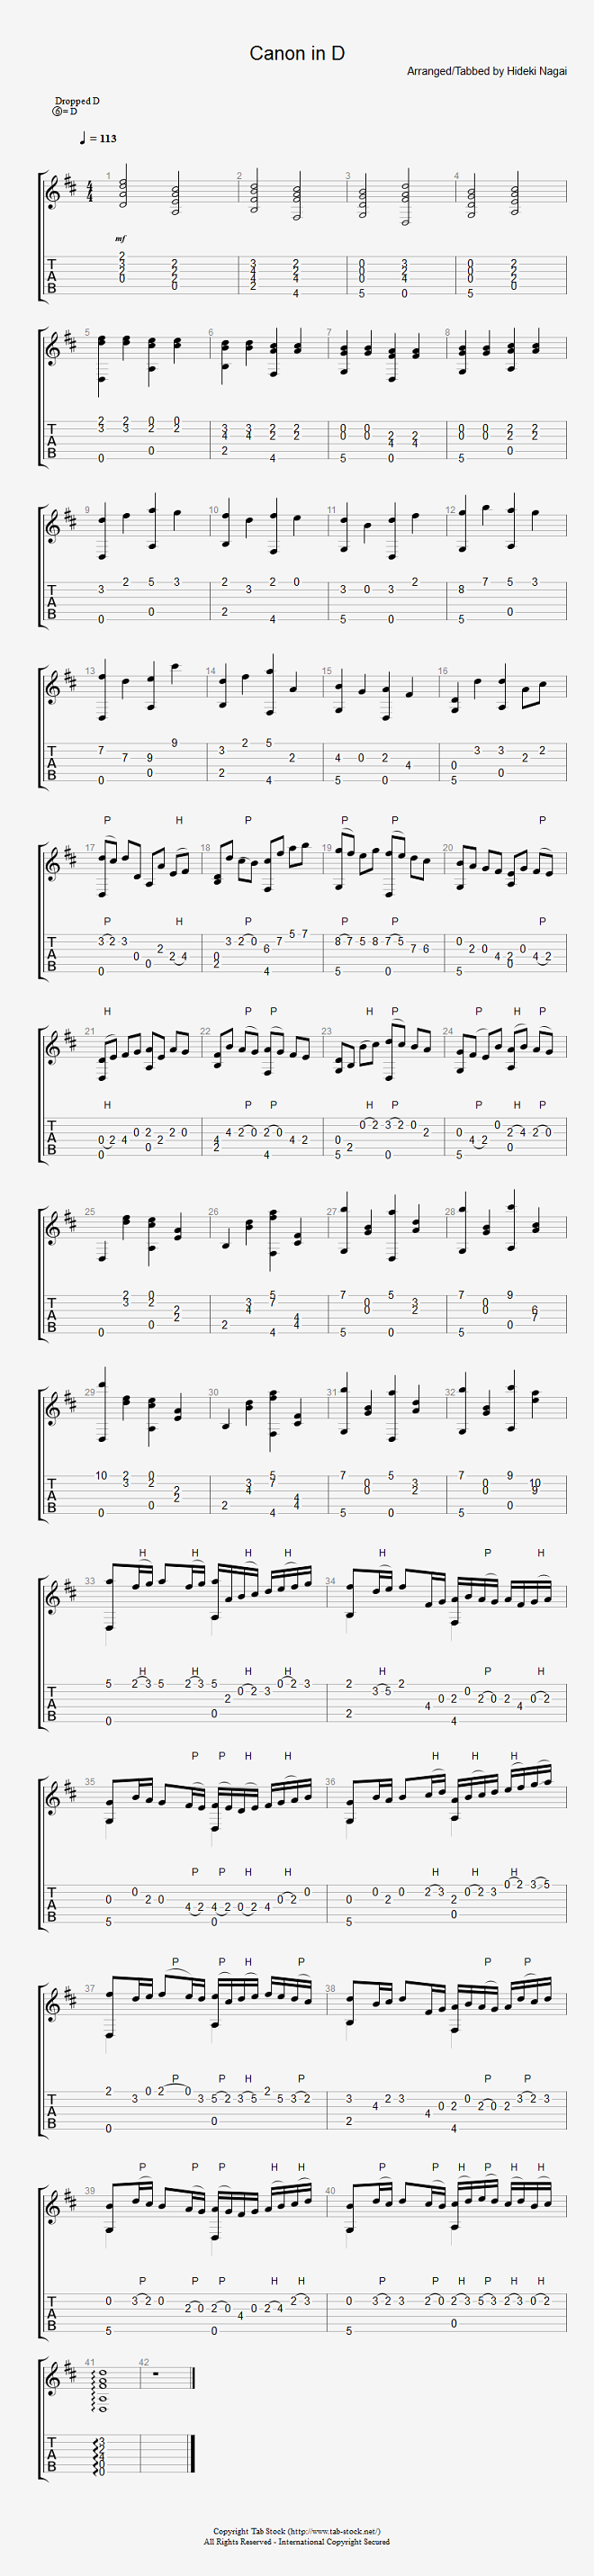 ソロギター、クラシックギター、エレキギター無料楽譜のタブストック アコギで弾くカノン(やさしい)